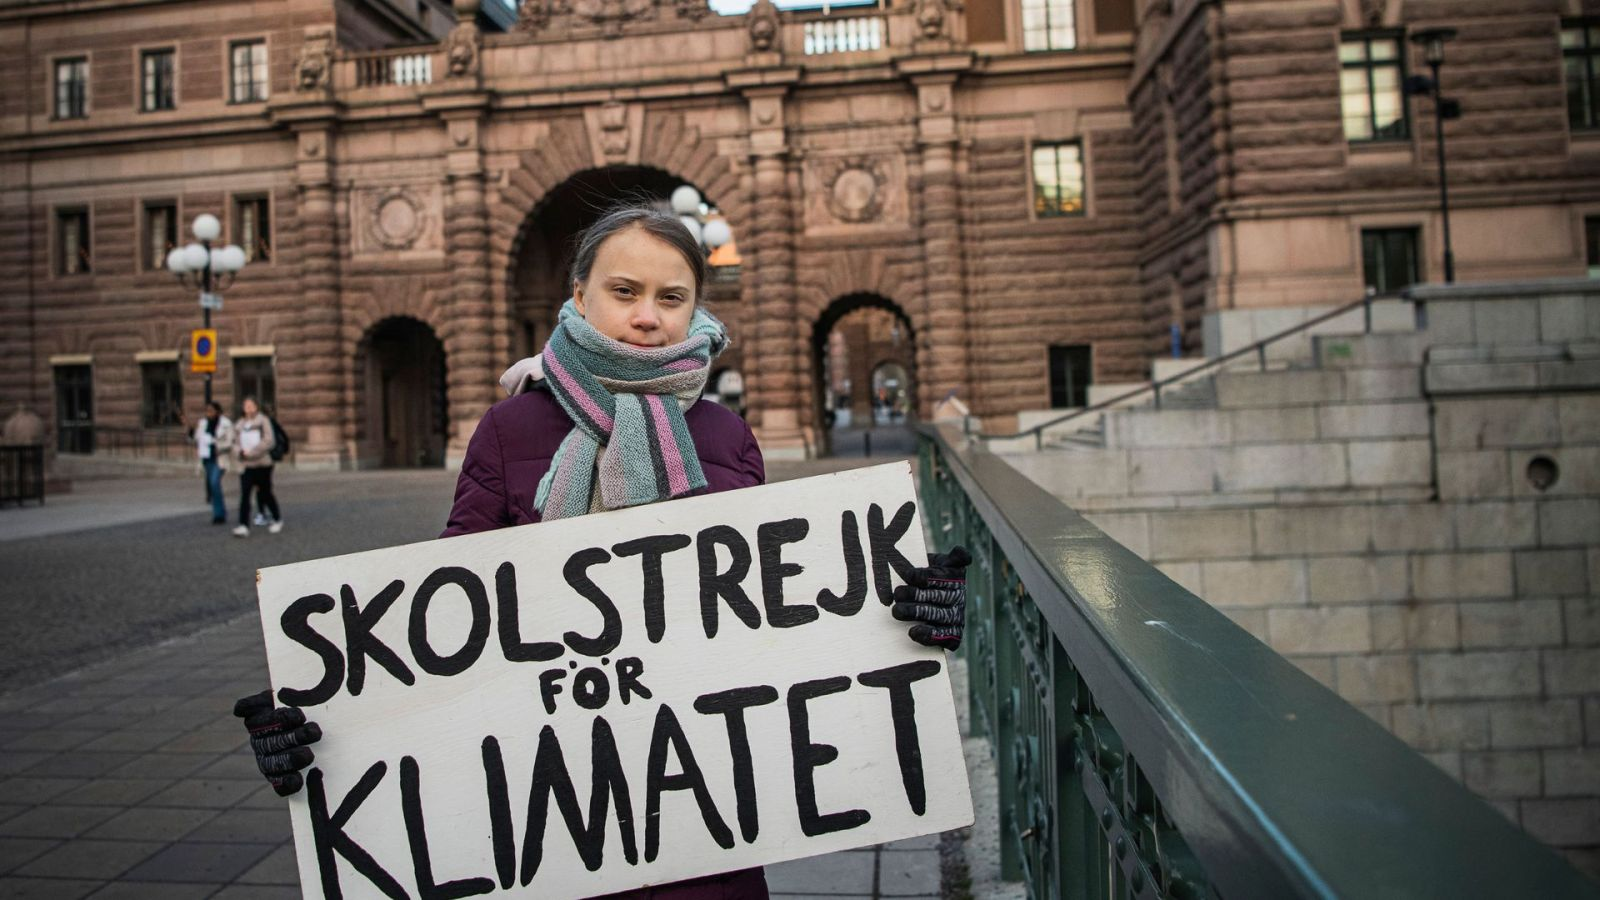 Юную экоактивистку Грету Тунберг снова выдвинули на Нобелевскую премию м...